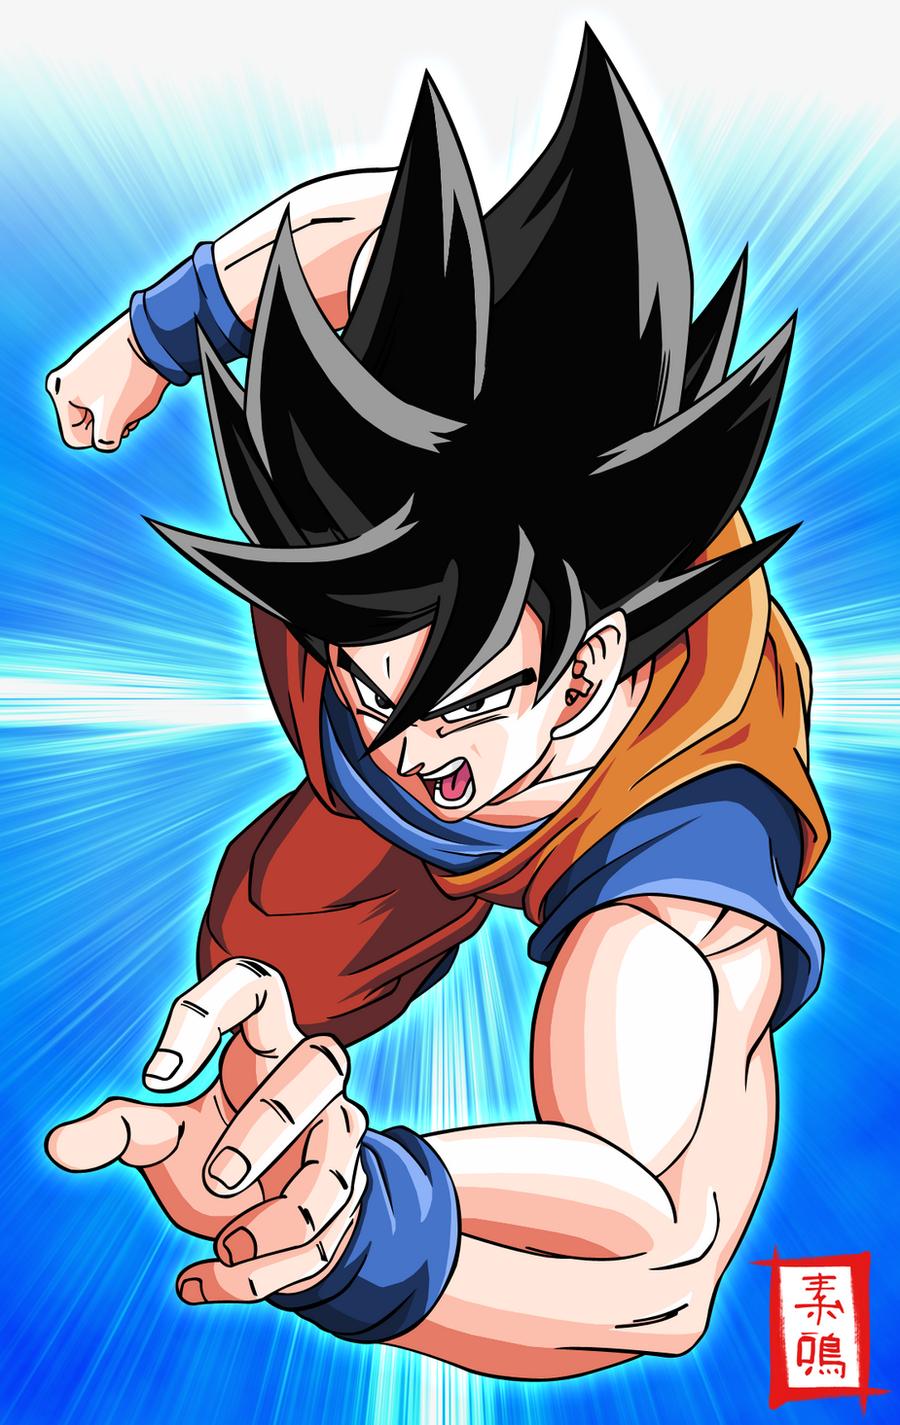 Goku Attack by SnaKou on DeviantArt